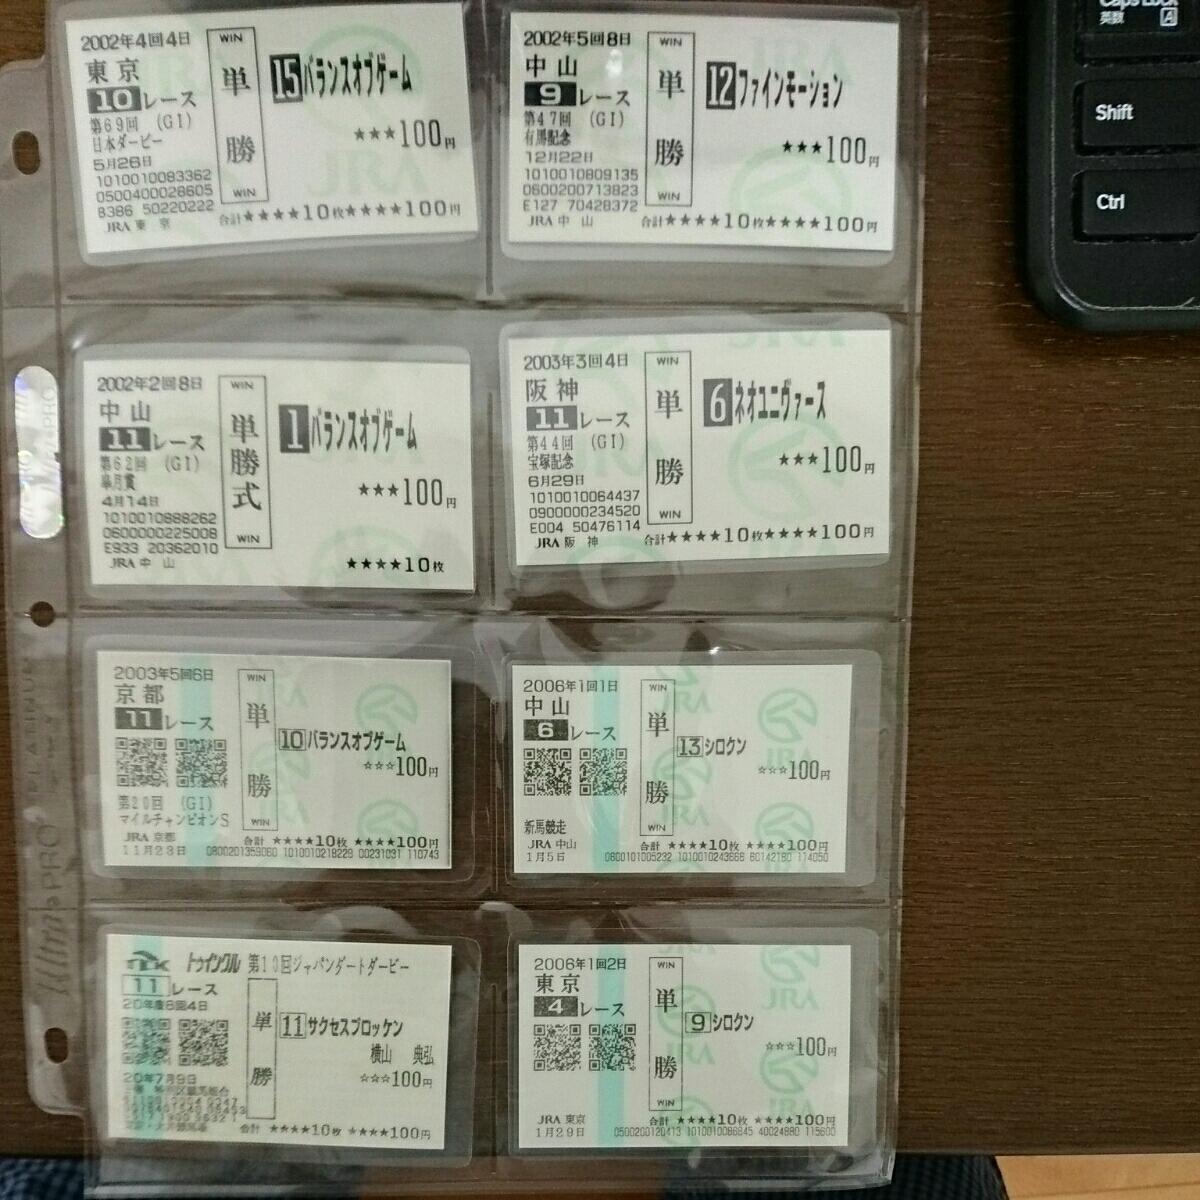 単勝馬券 多数 ラミネート加工済み(アルバム付)_画像3